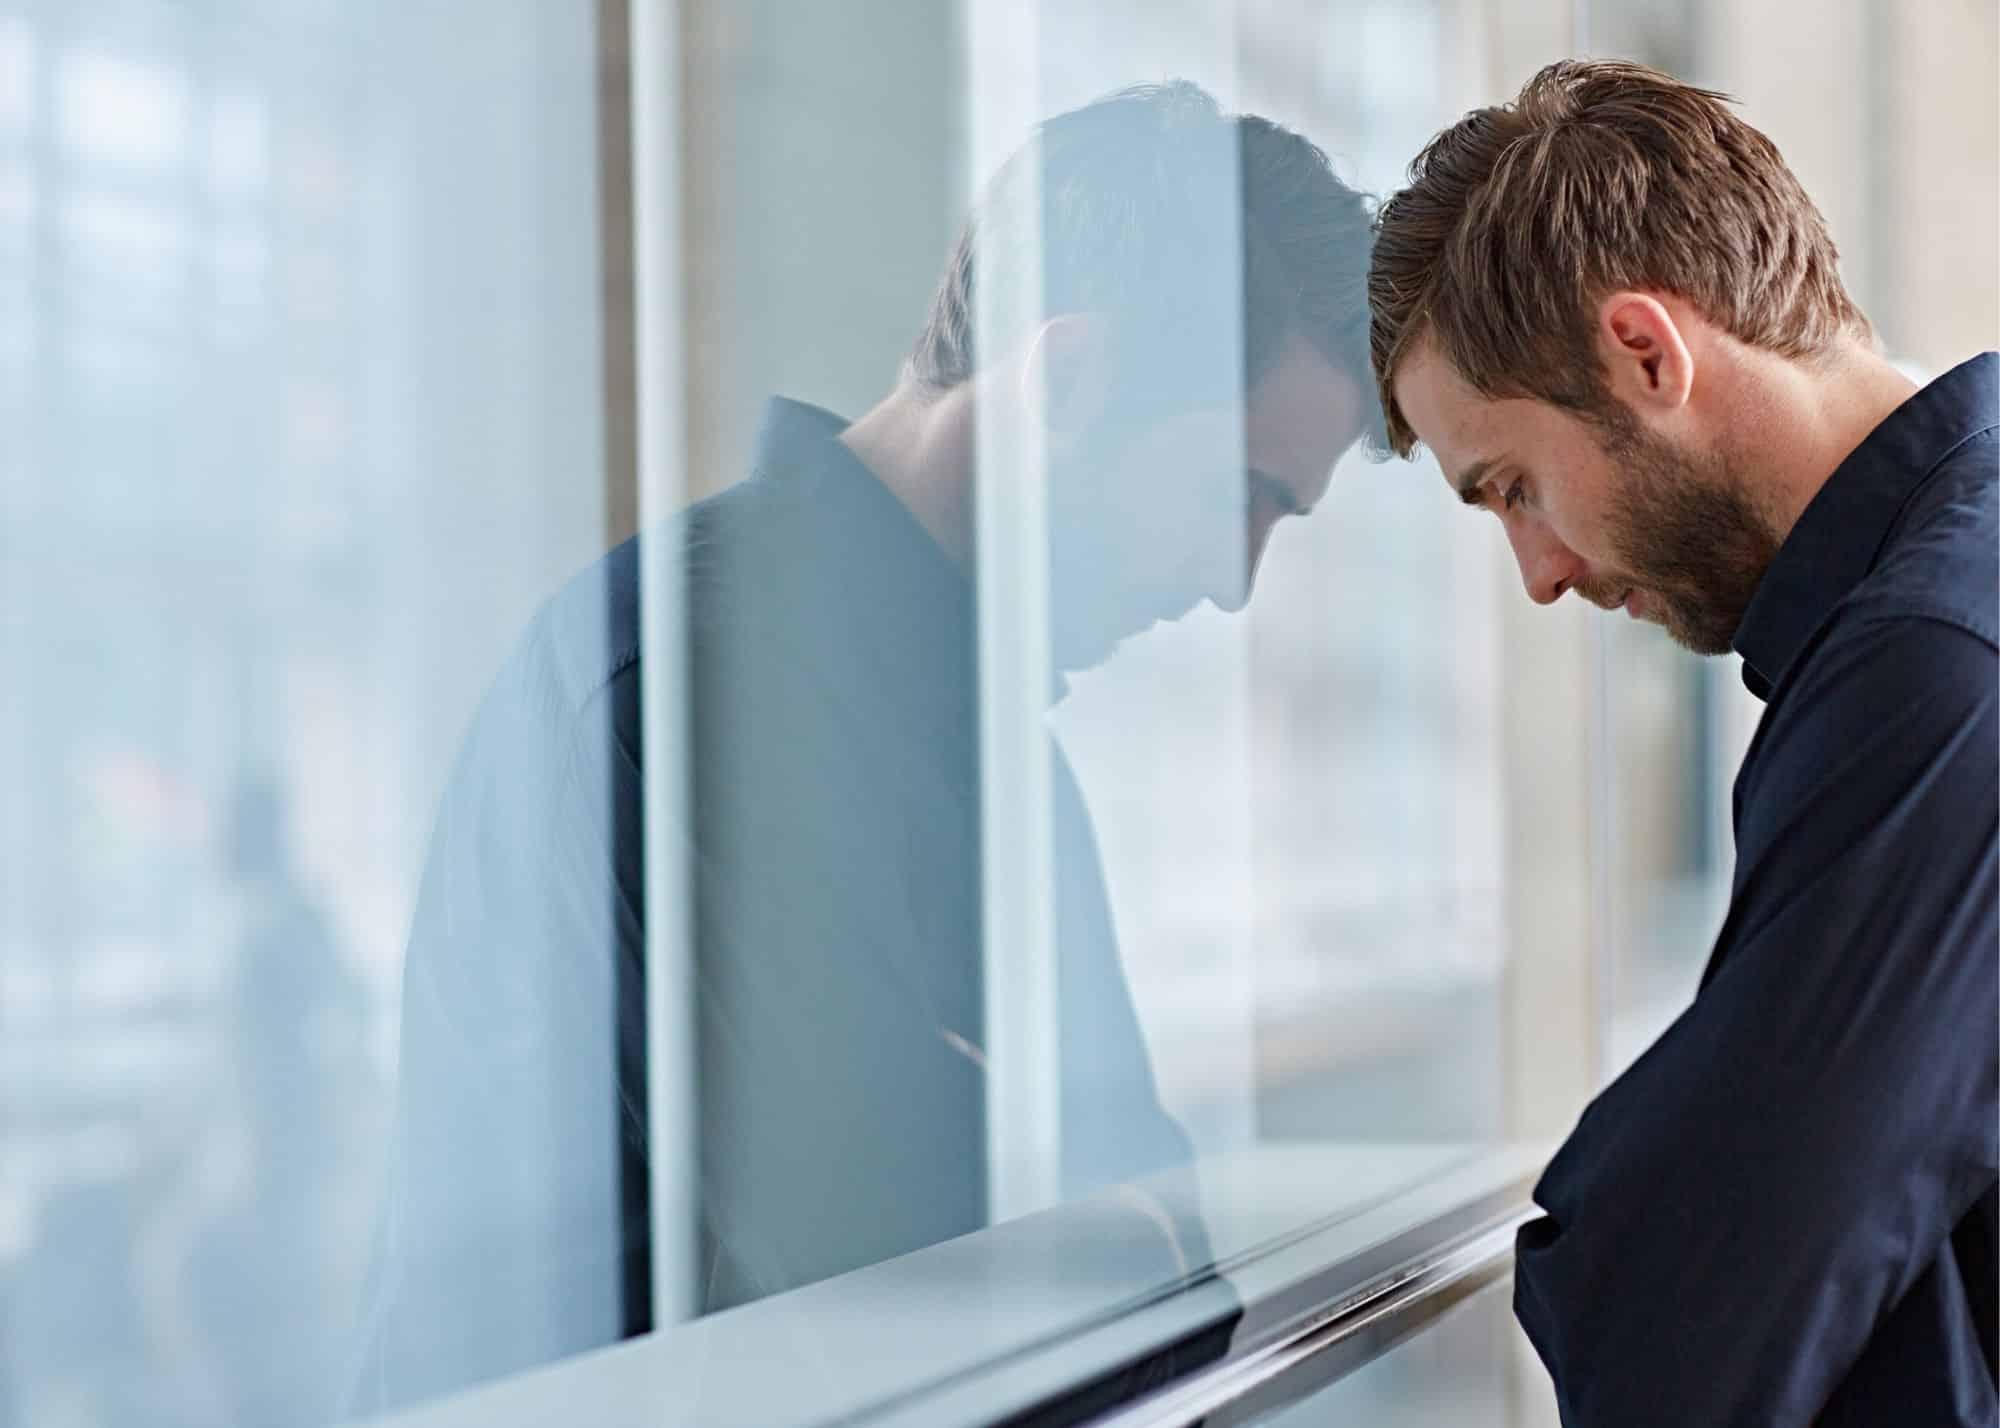 Man leans head against wall in desprair